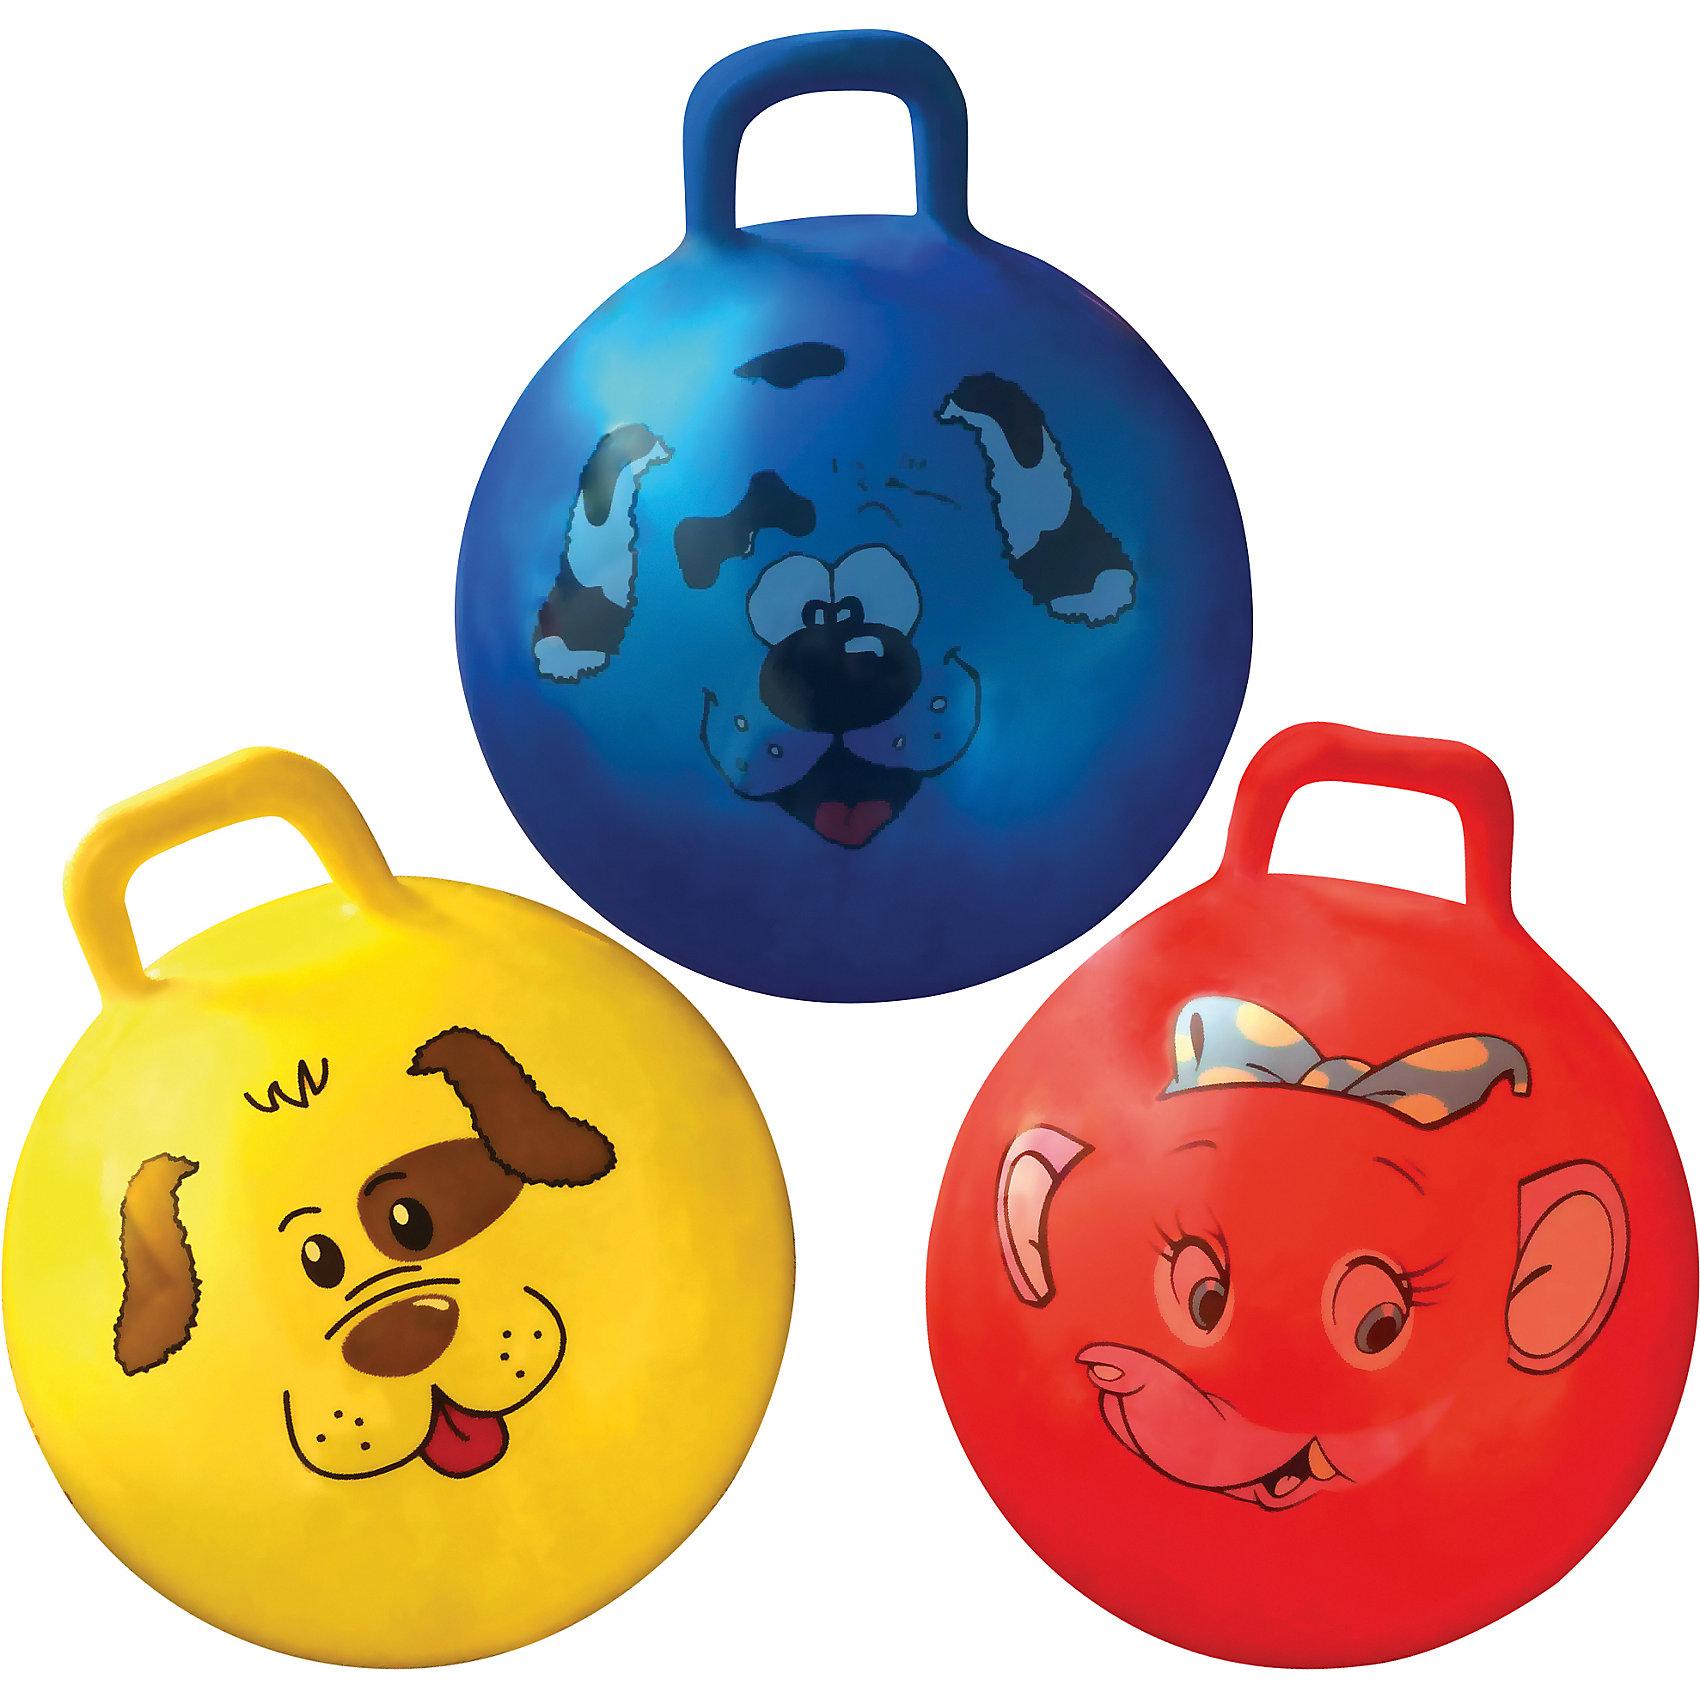 Ecos Мяч (фитбол) для занятий спортом, 55 см, в комплекте с насосом, Ecos фитбол atemi agb 03 55